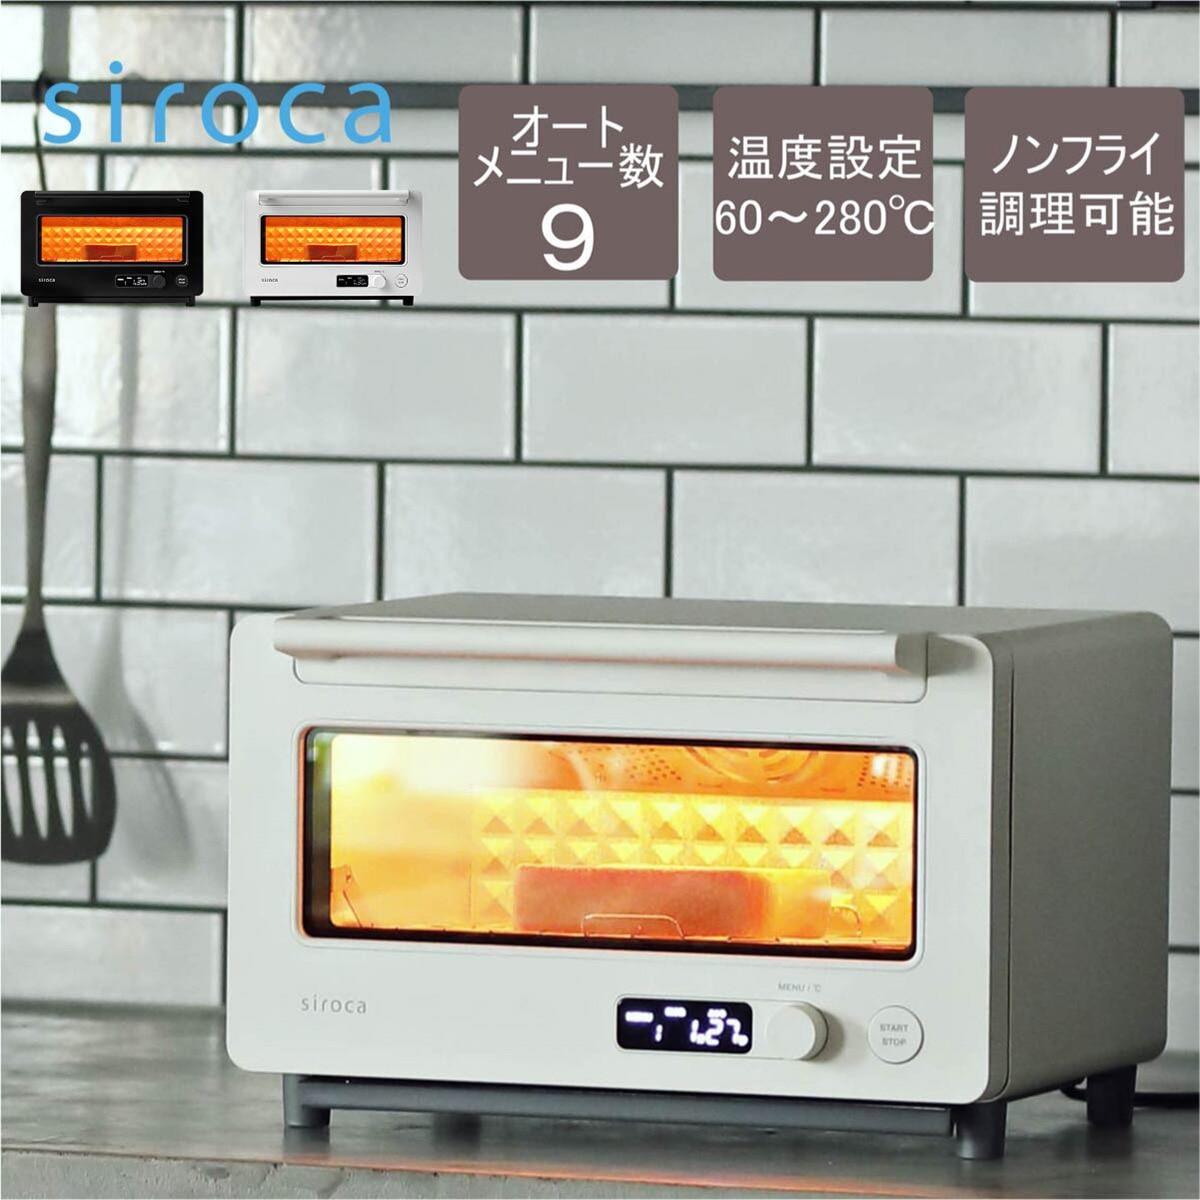 シロカ siroca すばやきトースター ホワイト ST-2D351(W)